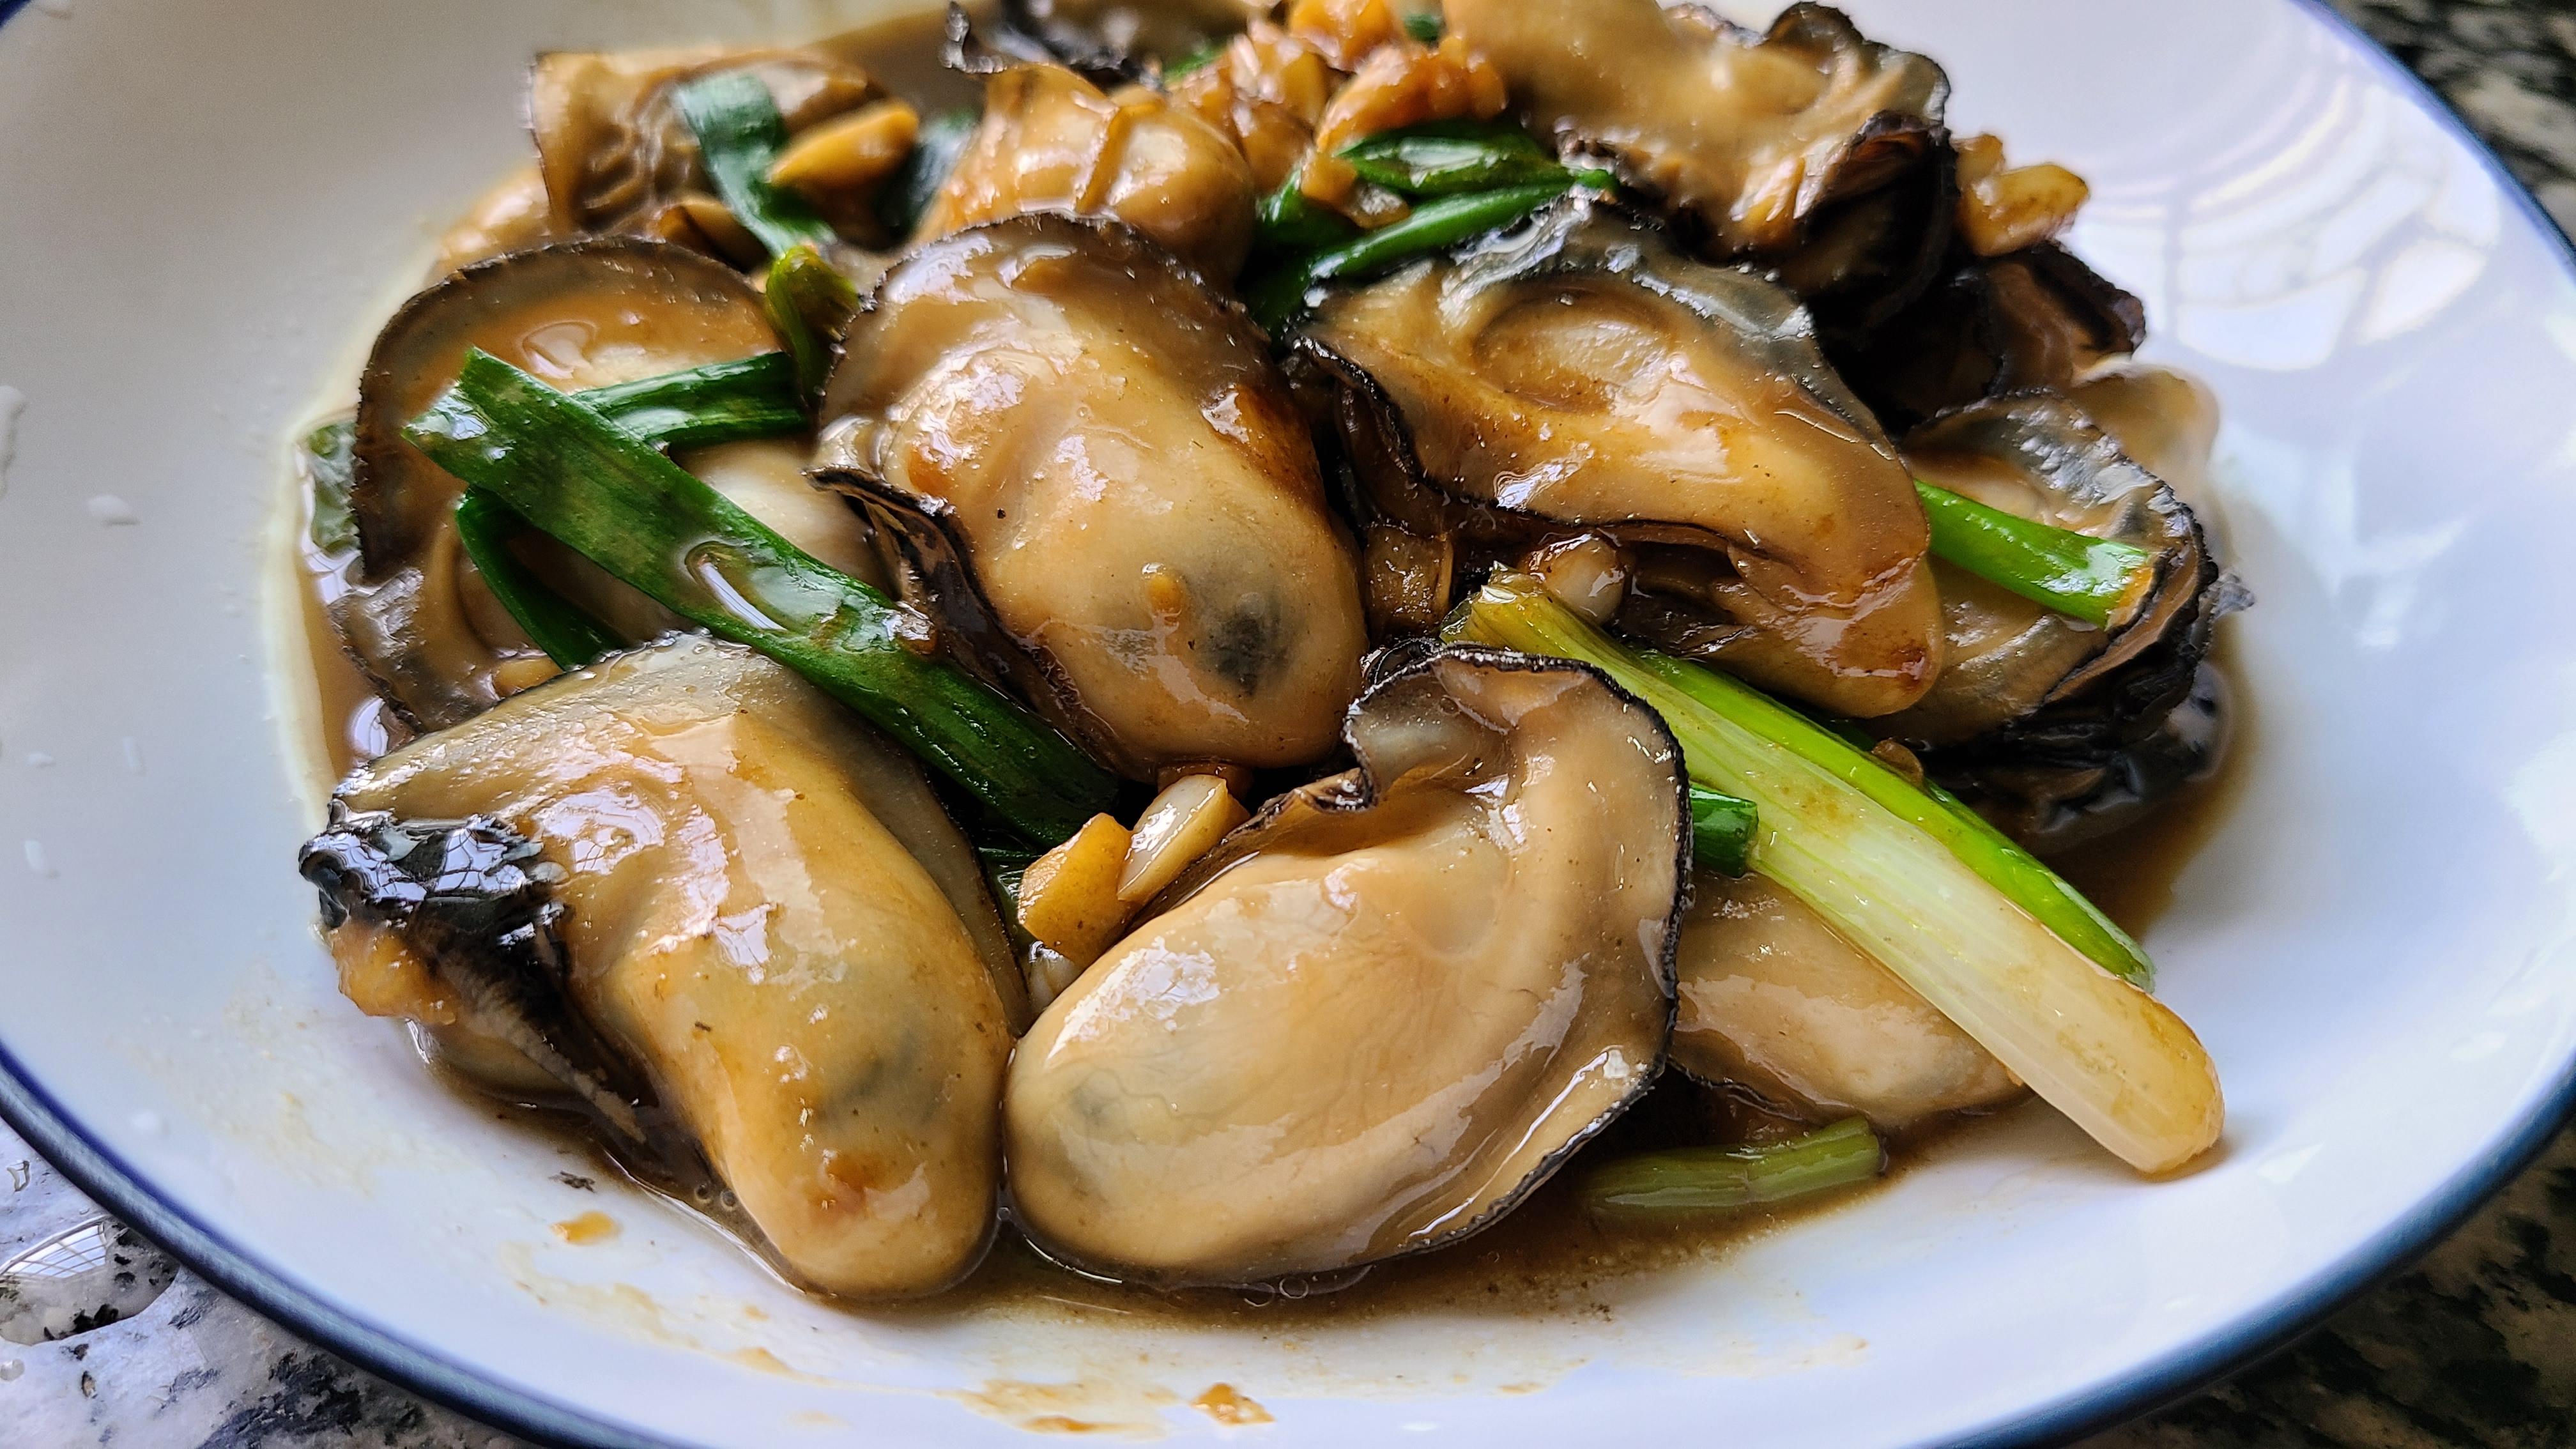 广式炒生蚝原来这么好吃,家常做法味道鲜美,看着就馋了 美食做法 第11张